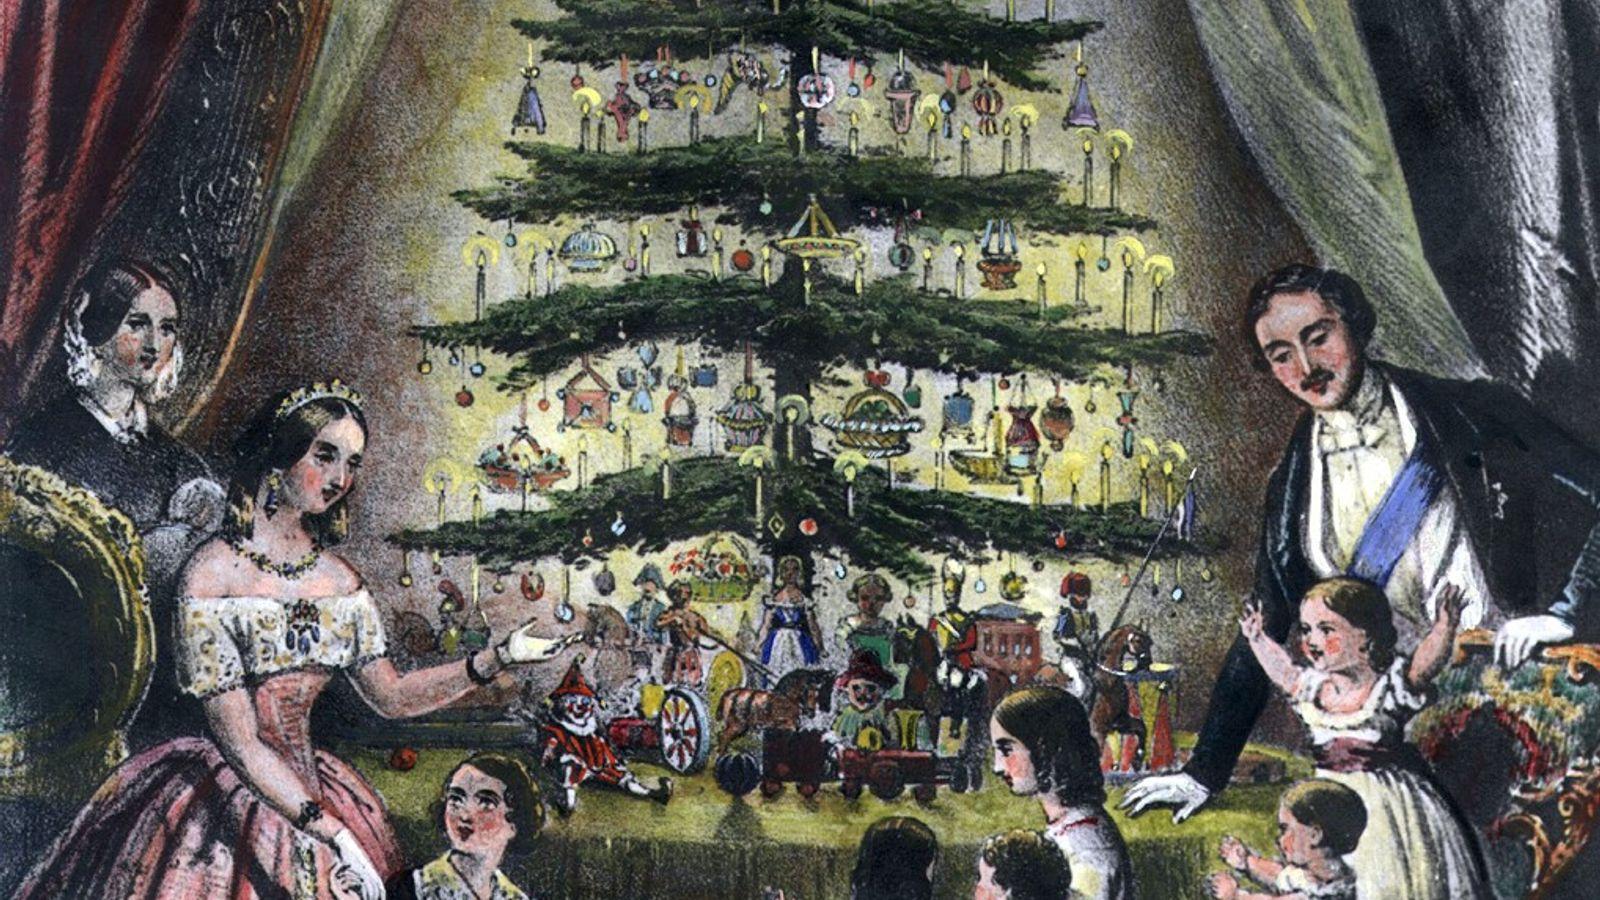 Queen Victoria, Prince Albert und ihre Kinder bewundern einen Weihnachtsbaum